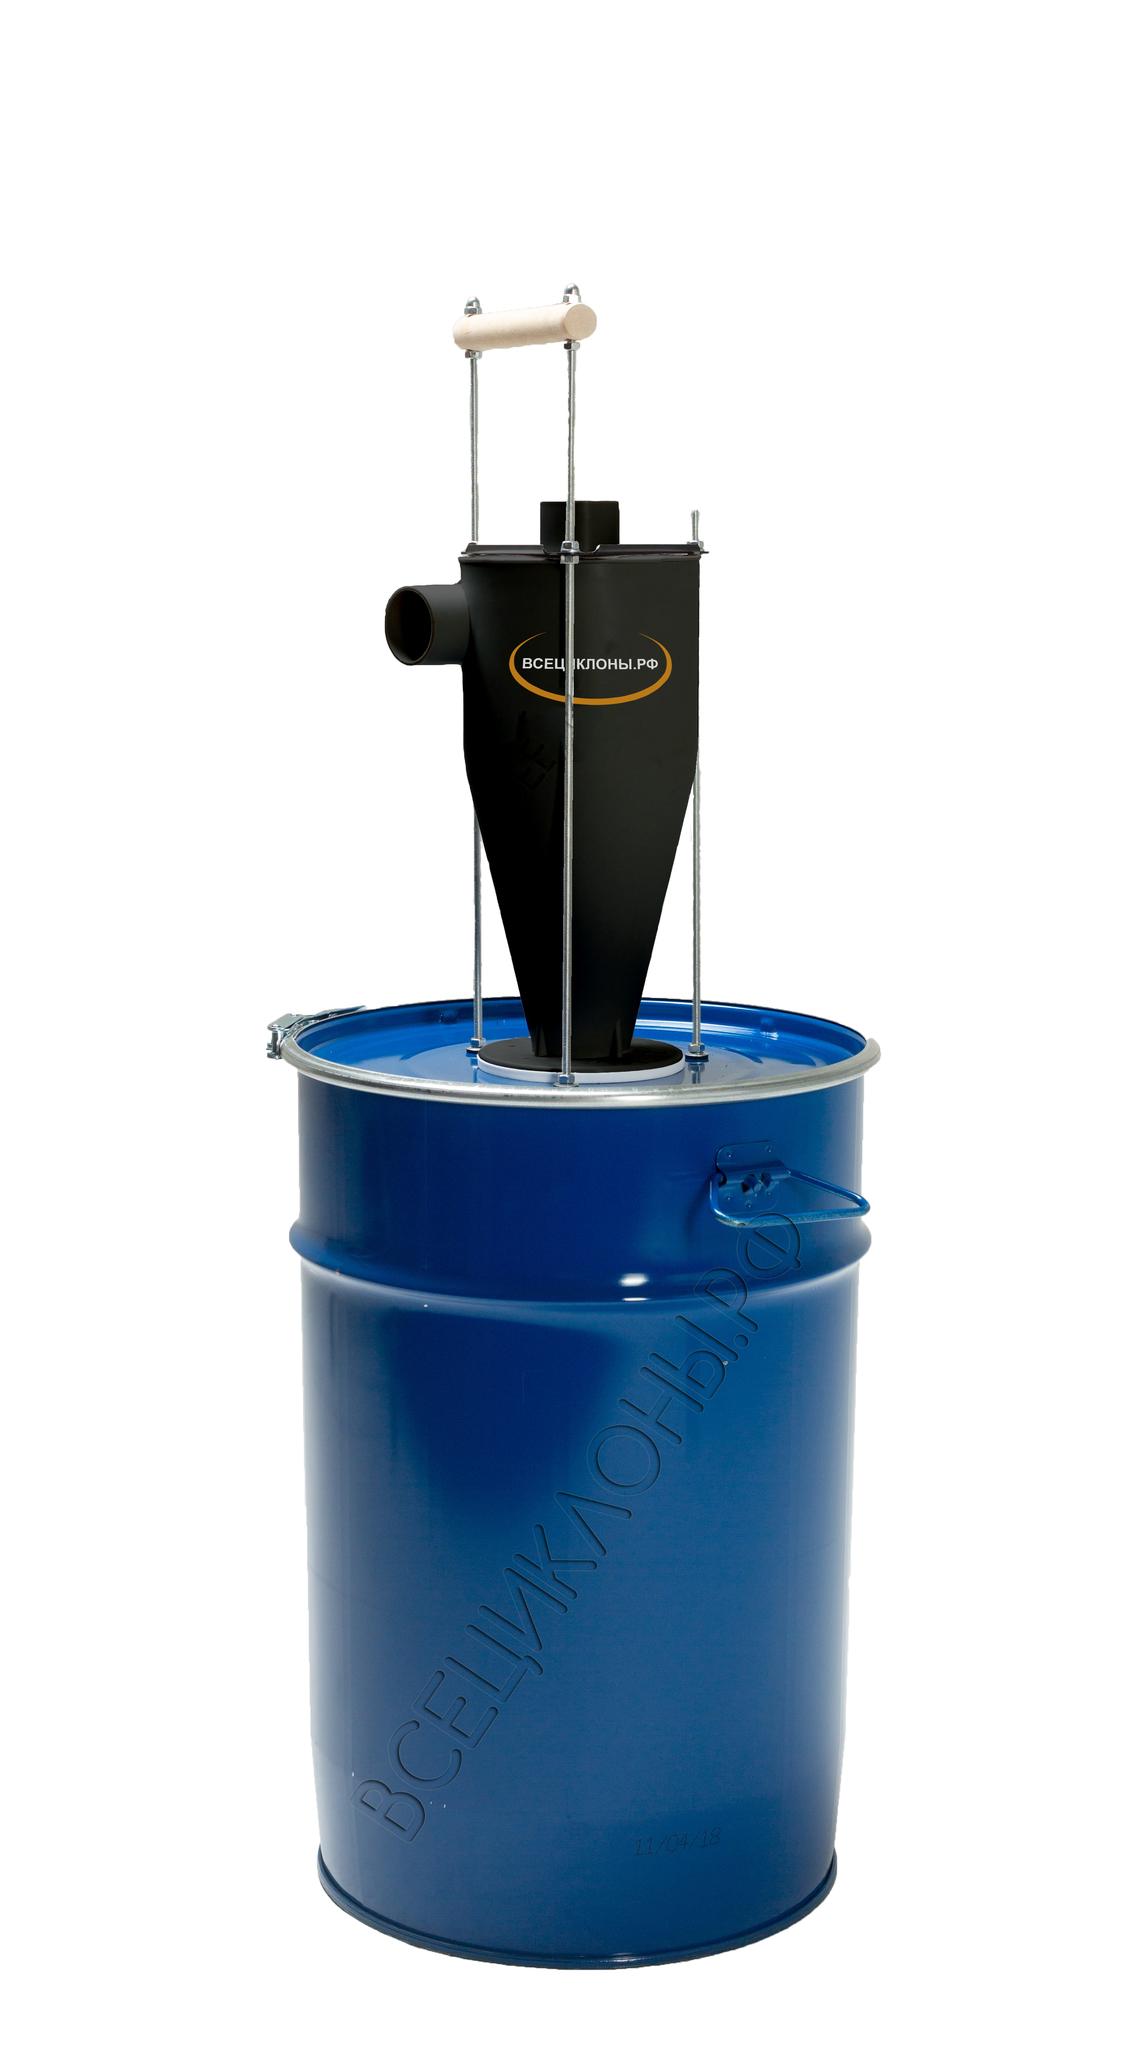 Циклонный фильтр MicroDust, пылесборник 50л, скелетный крепёж, шланг